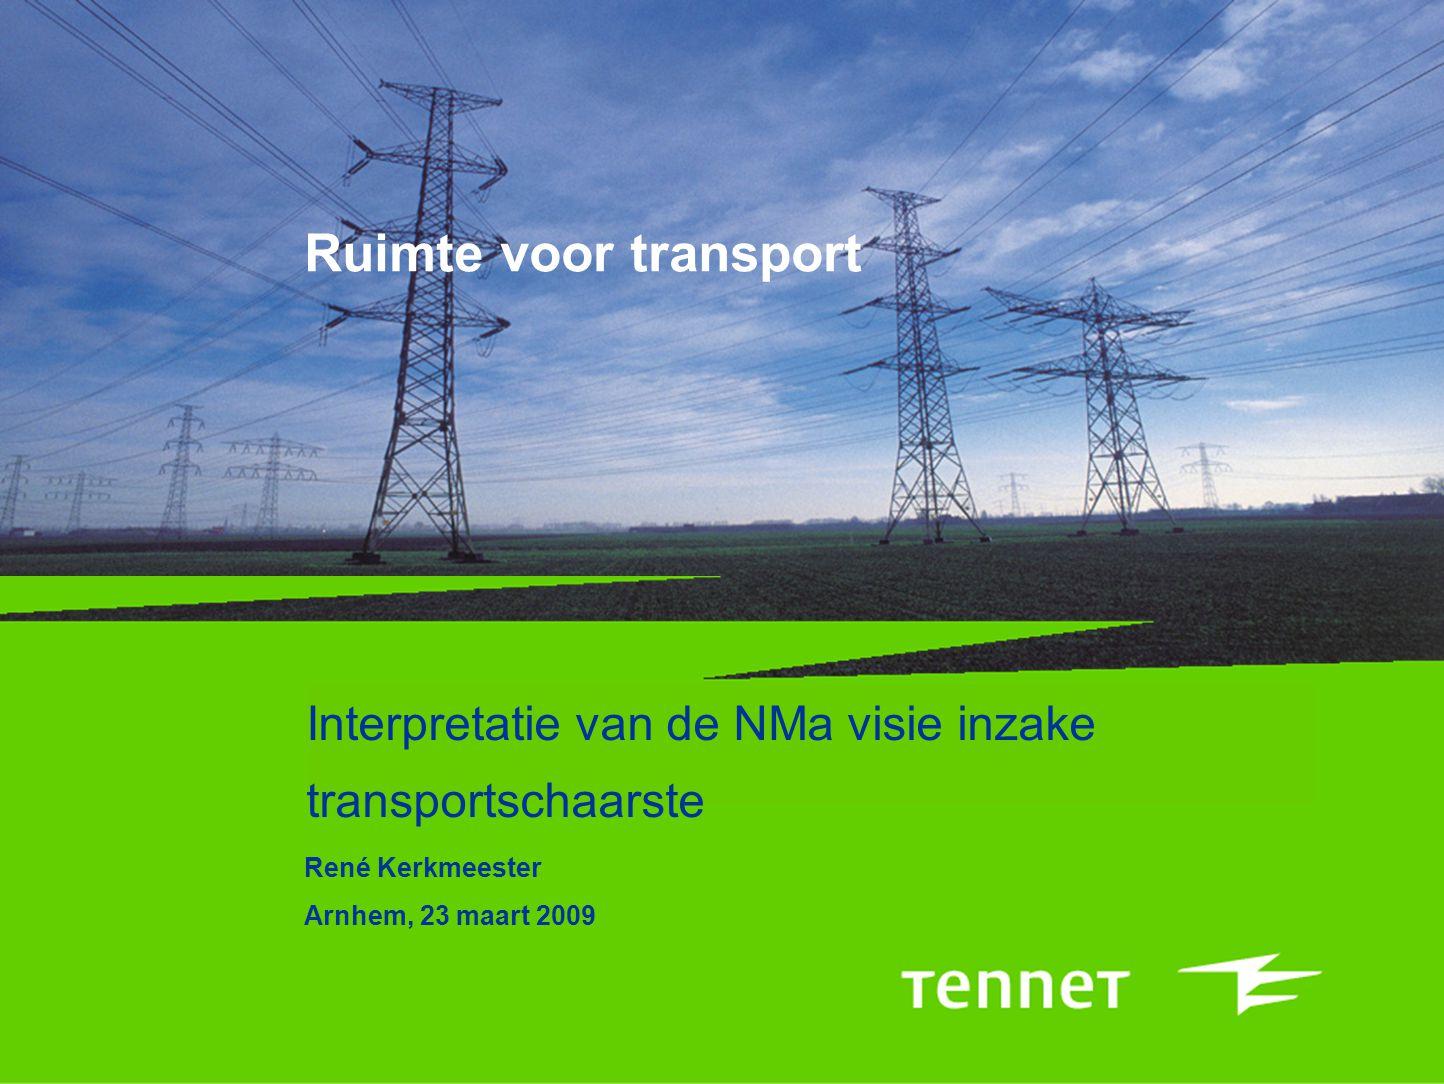 1 Ruimte voor transport Interpretatie van de NMa visie inzake transportschaarste René Kerkmeester Arnhem, 23 maart 2009